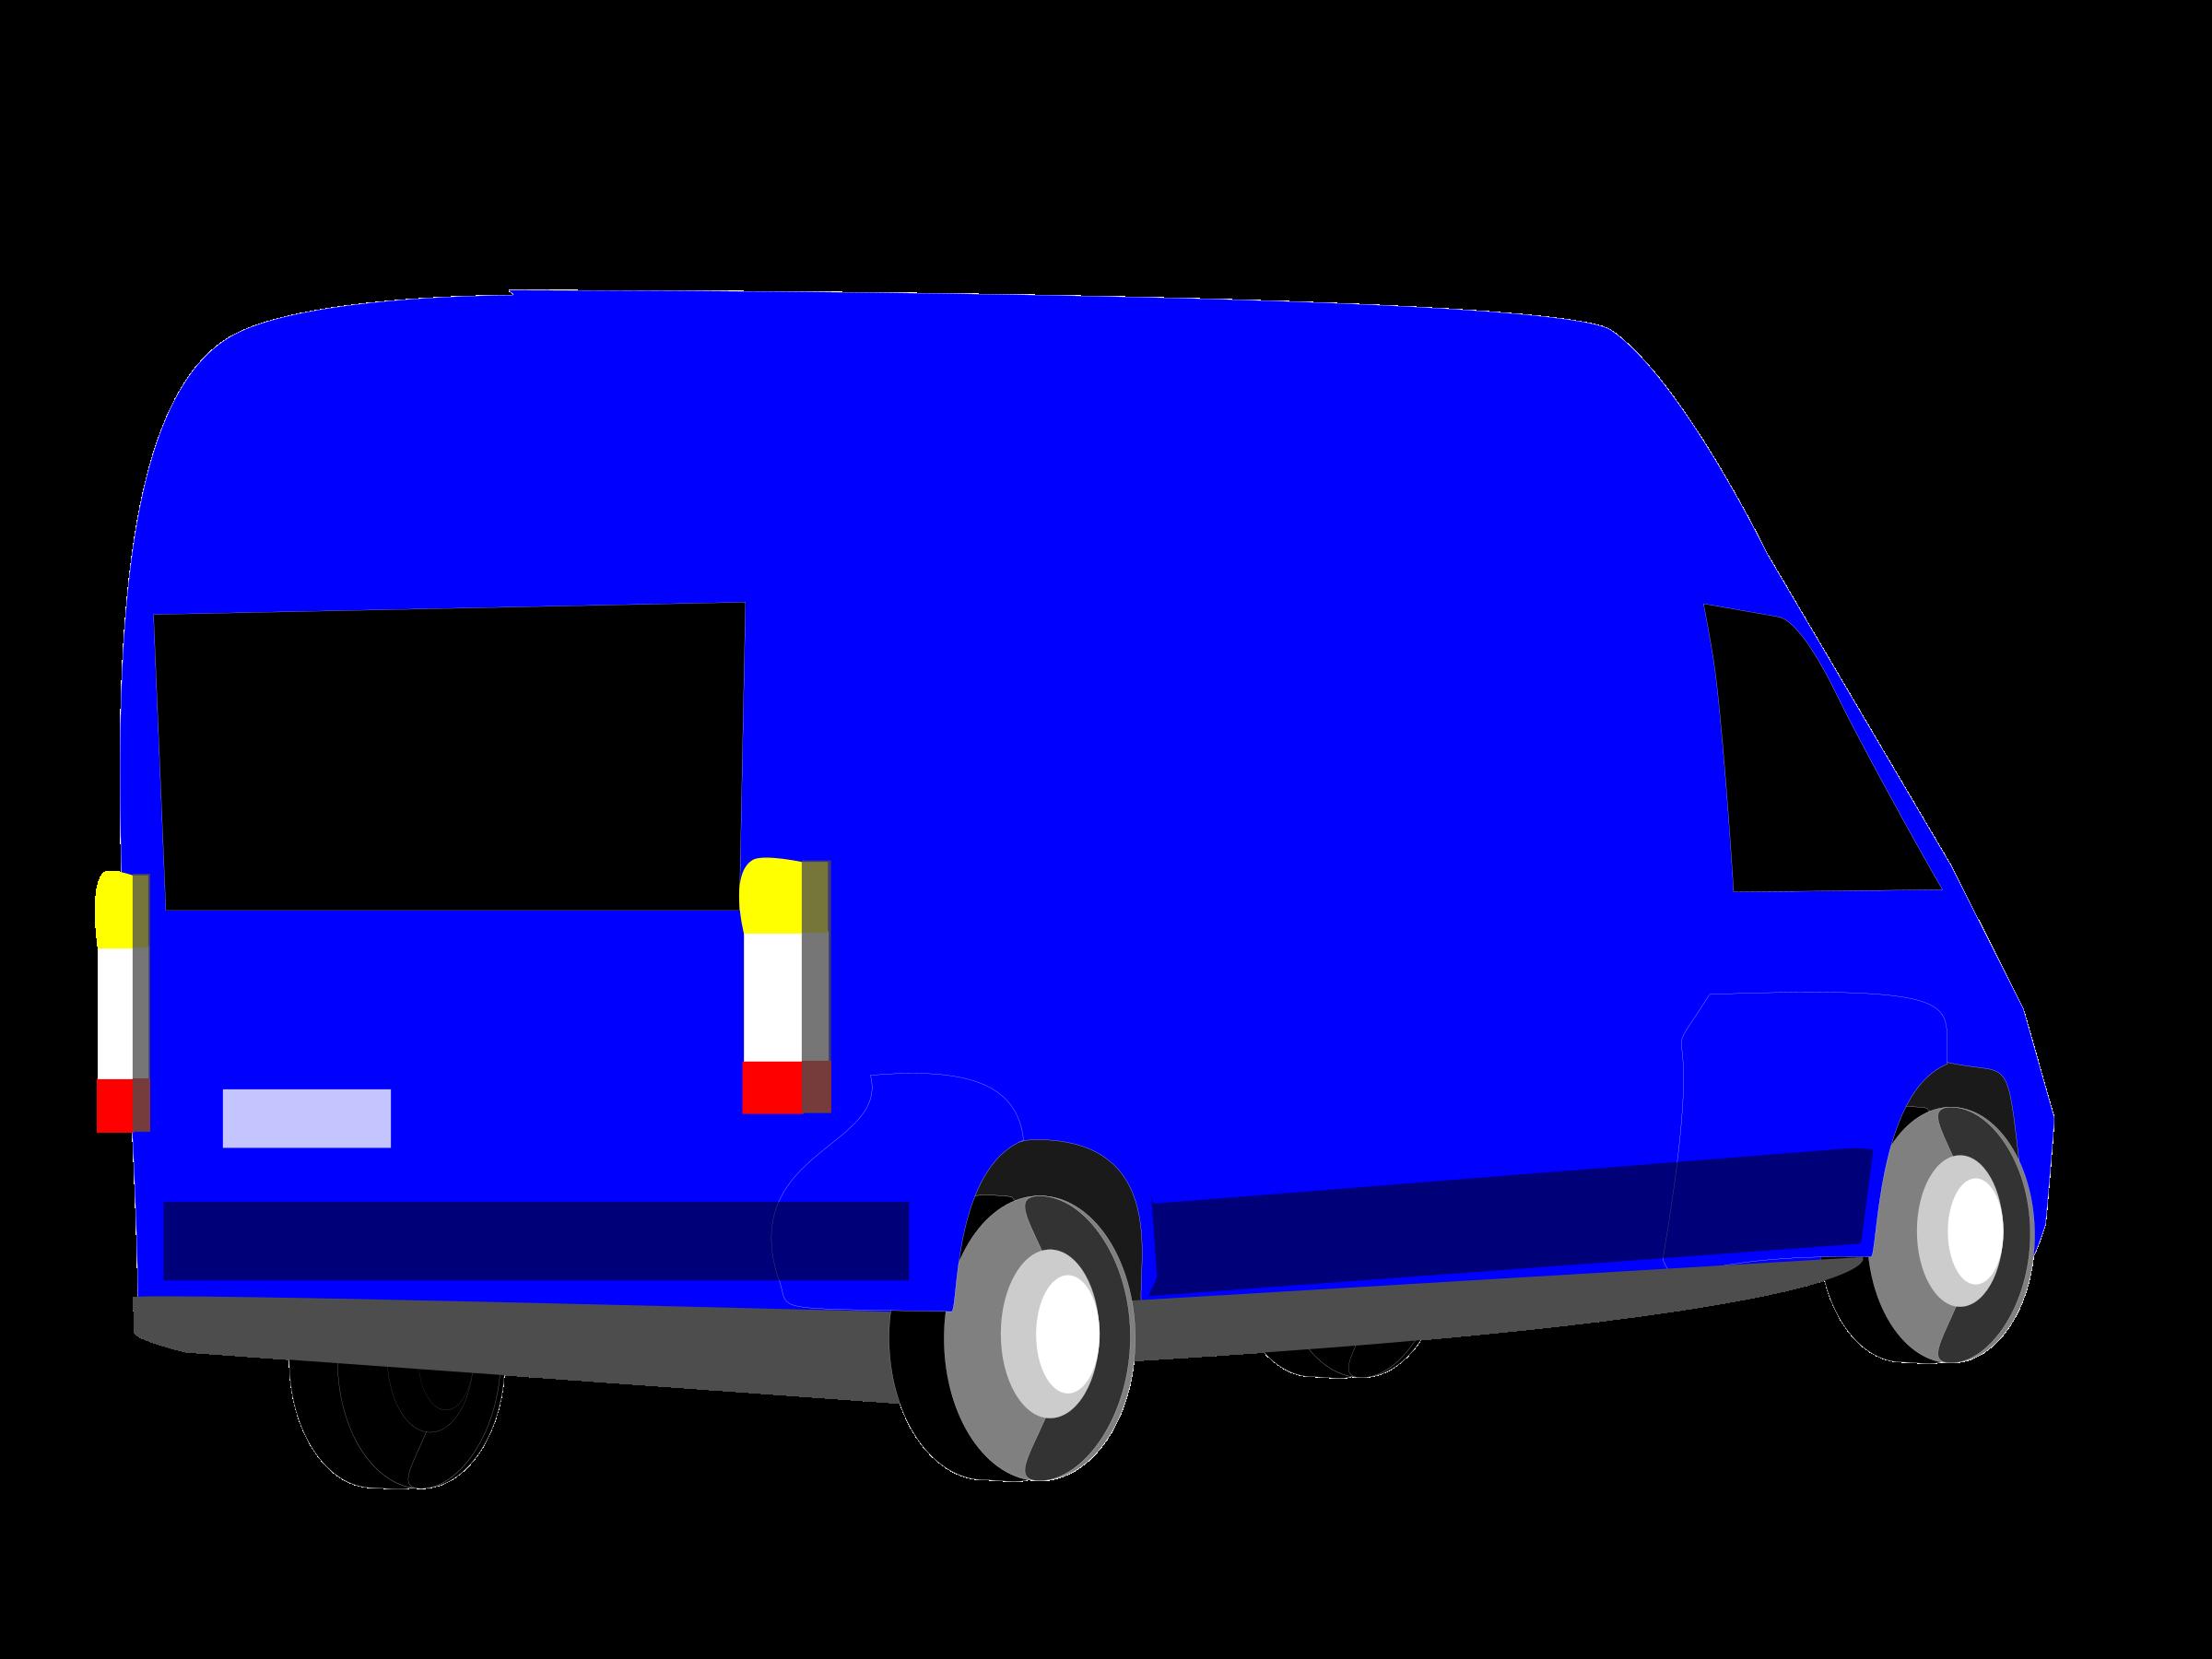 Download wallpaper delivery van. Minivan clipart aerial car